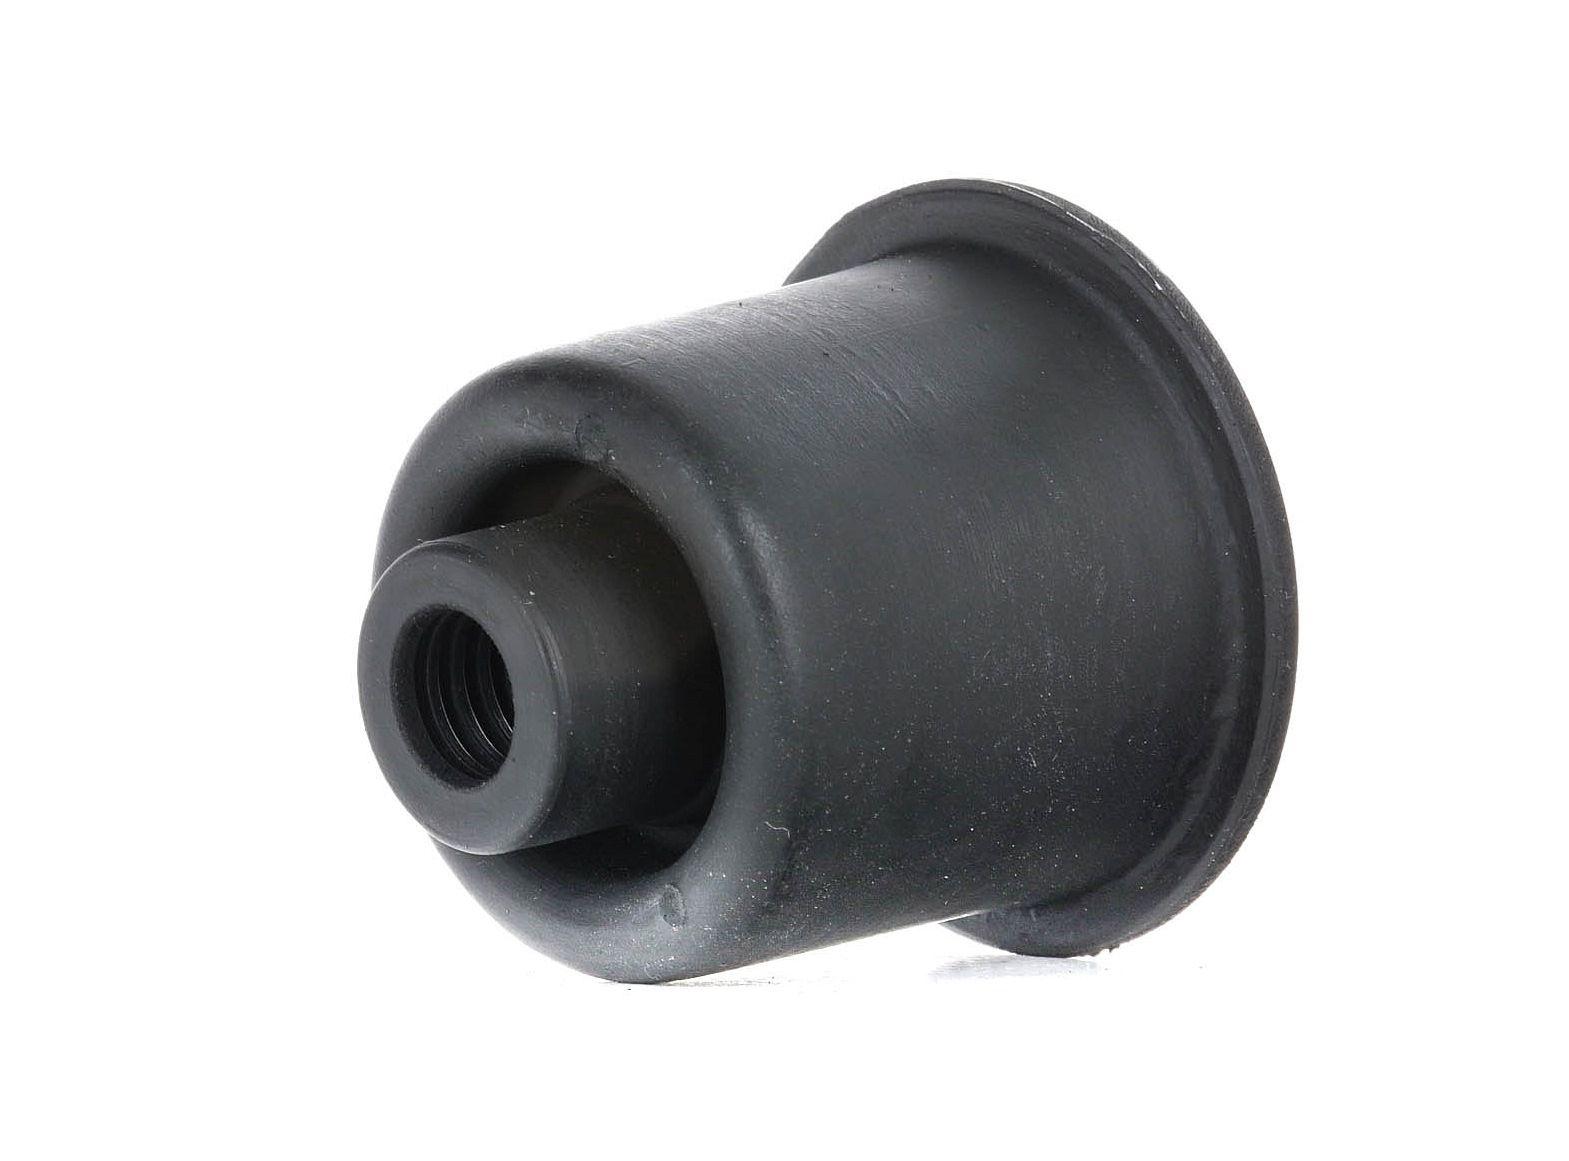 Achetez Kit de soufflet de direction SASIC 0664214 () à un rapport qualité-prix exceptionnel